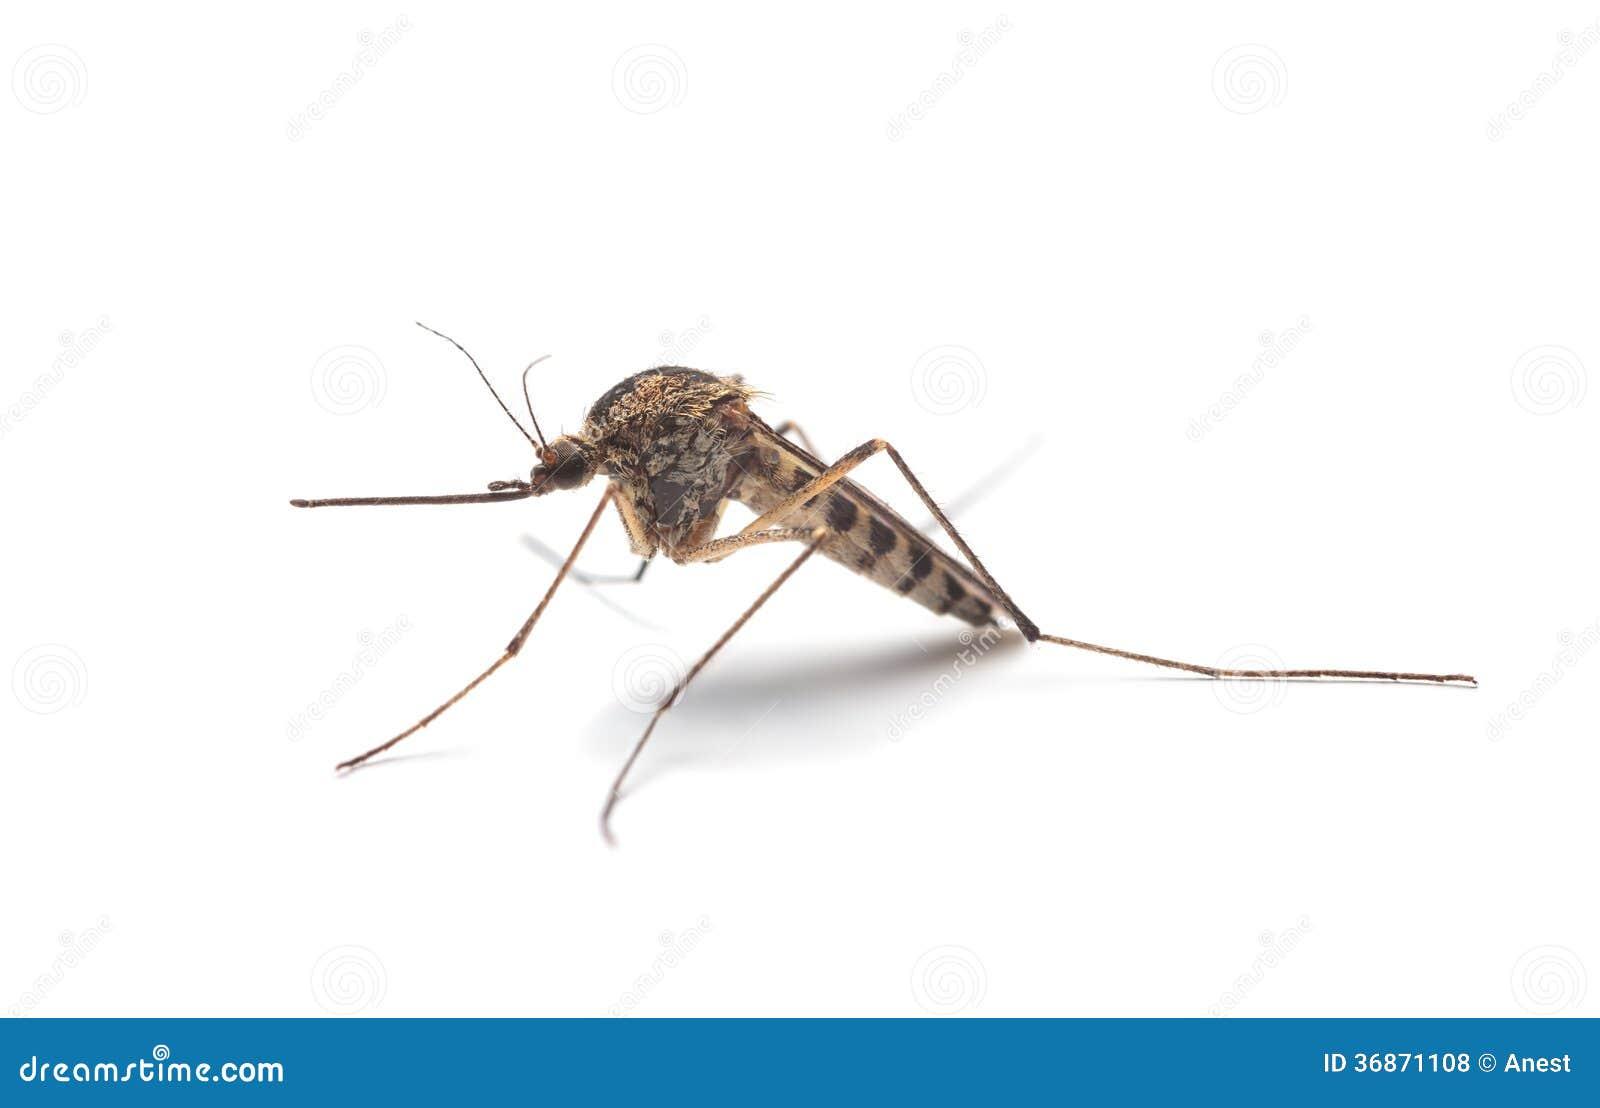 Profil för mygga (Culexpipiens)